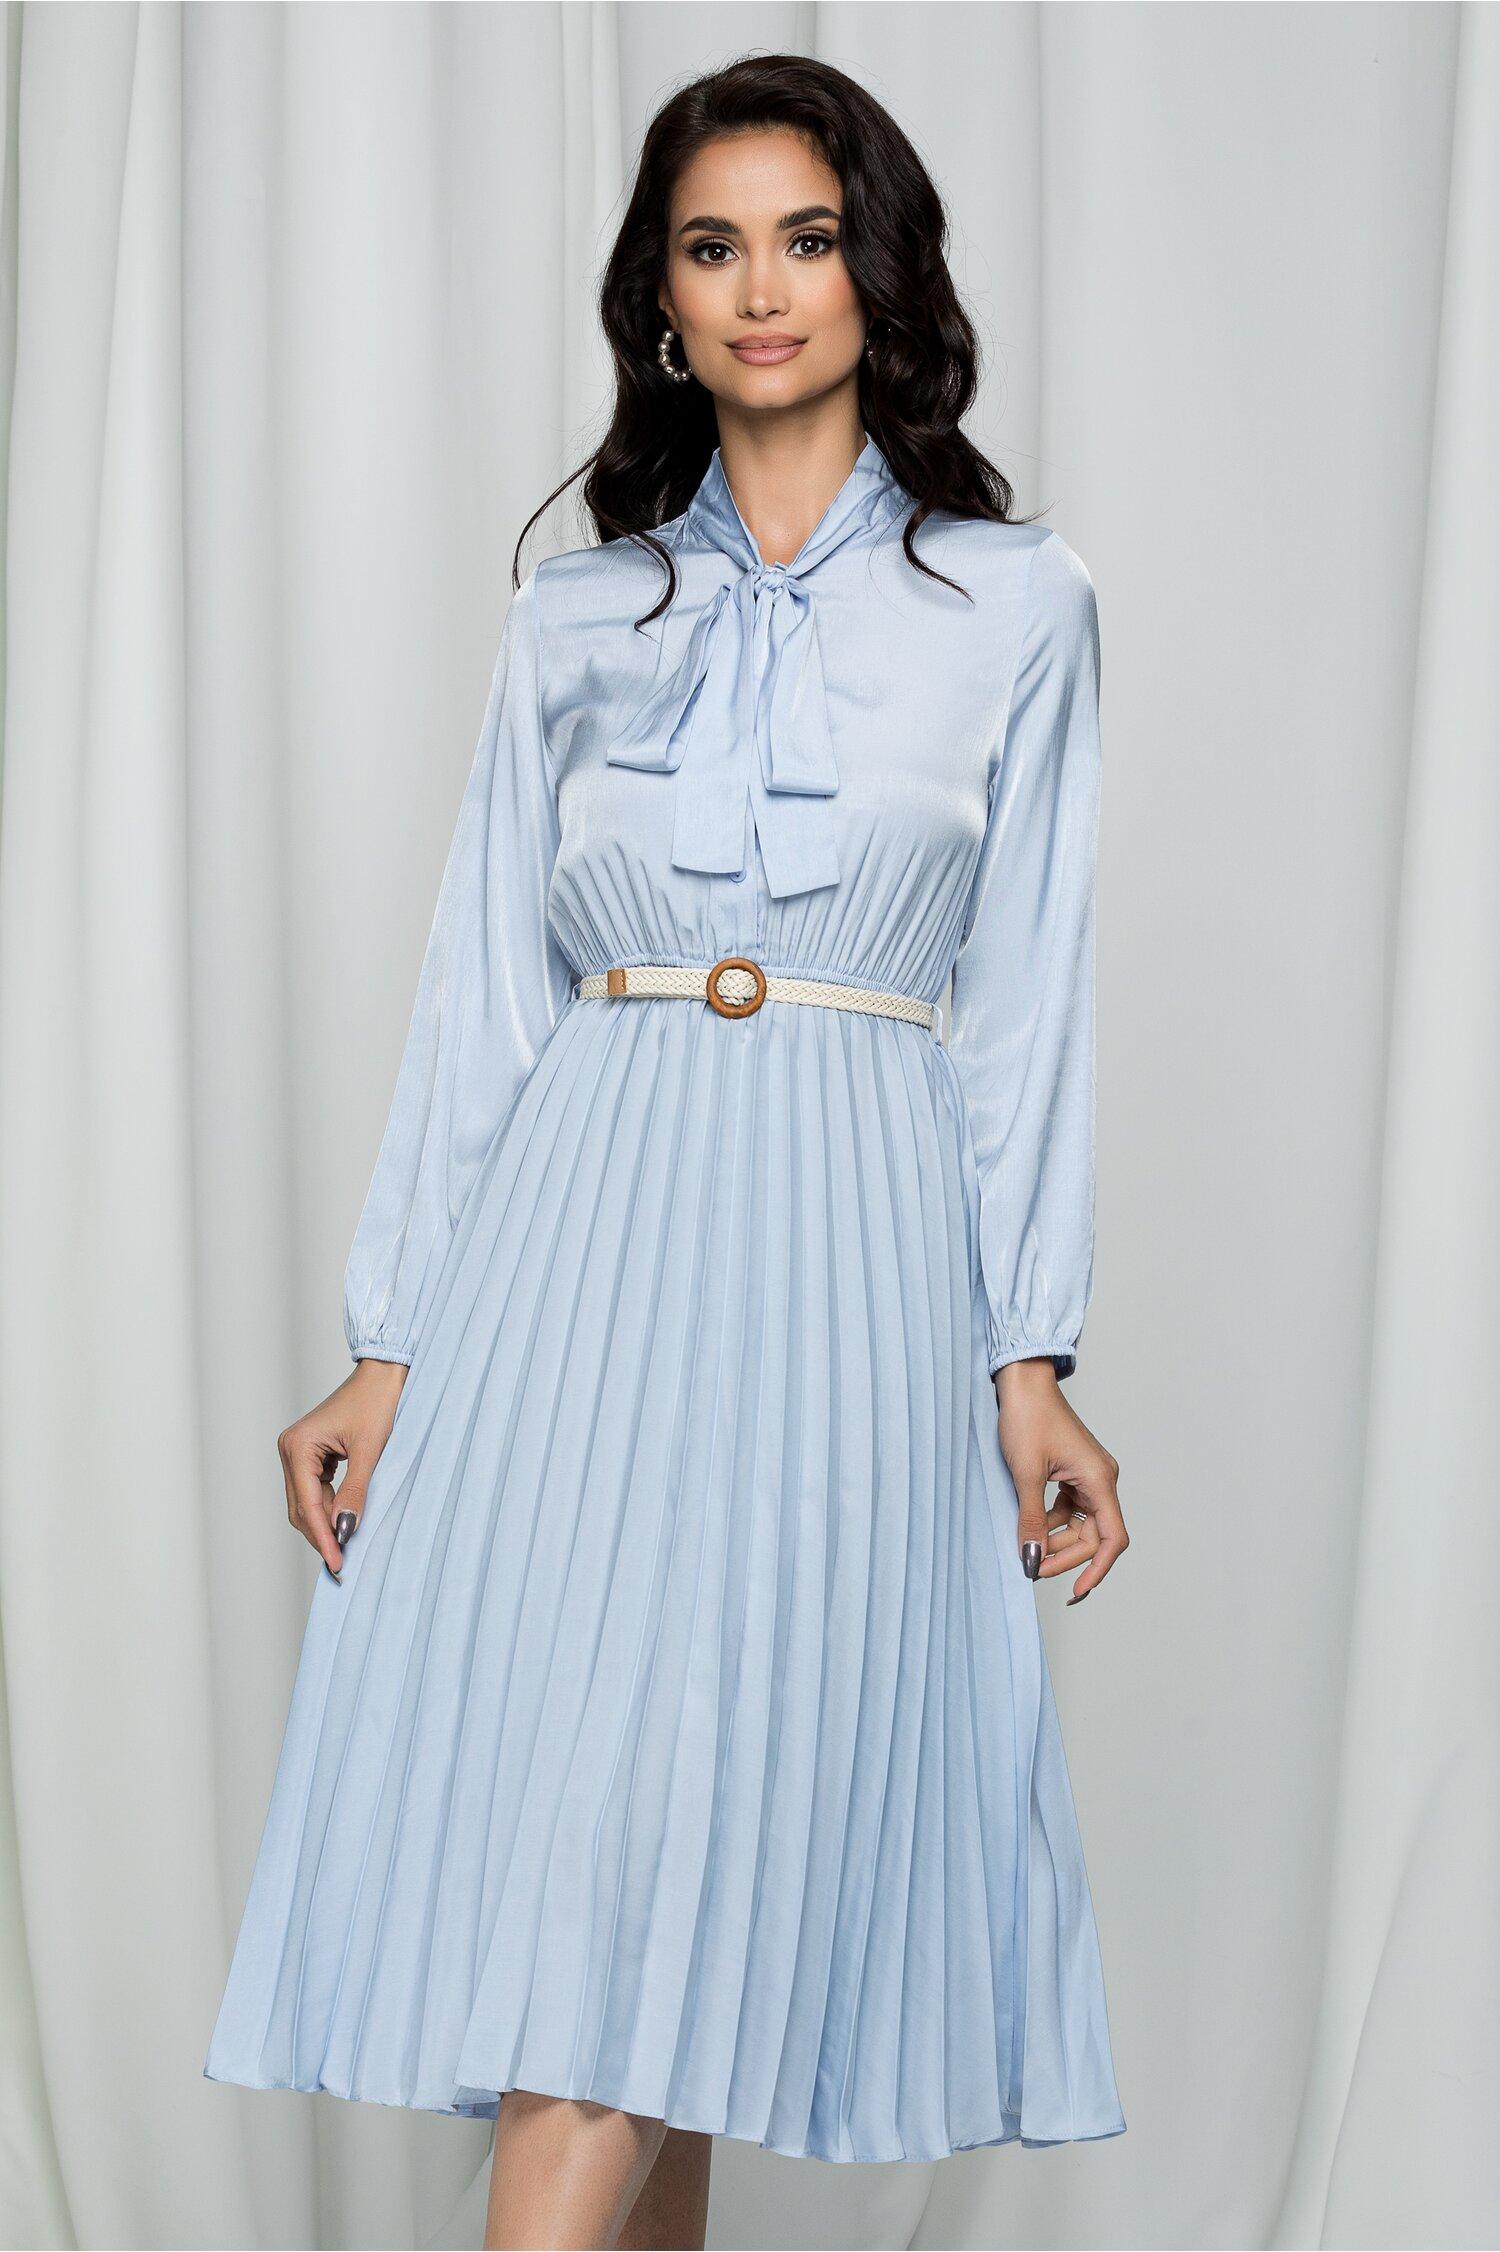 Rochie Edyta bleu cu guler tip esarfa si pliuri pe fusta